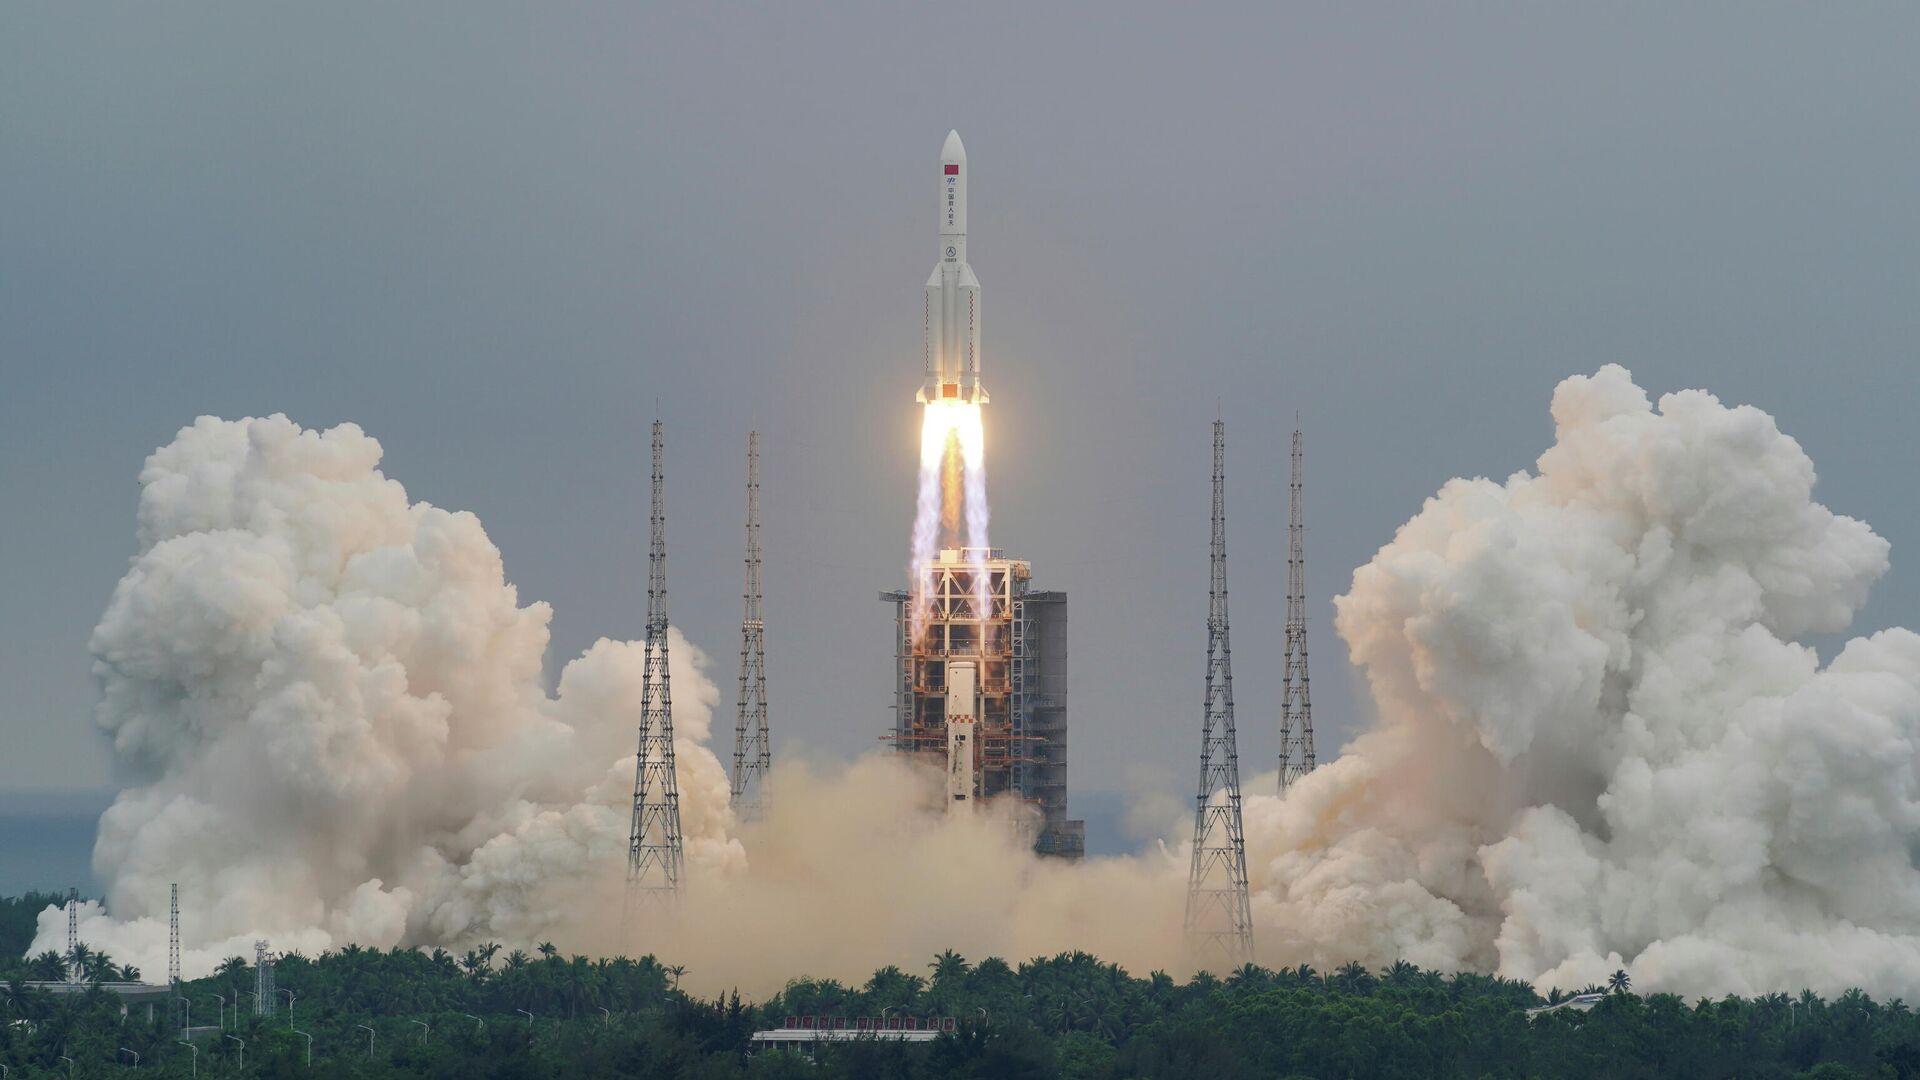 Ракета-носитель Чанчжэн-5B Y2 с модулем Тяньхэ стартовала с космодрома Вэньчан на китайском острове Хайнань - РИА Новости, 1920, 19.05.2021